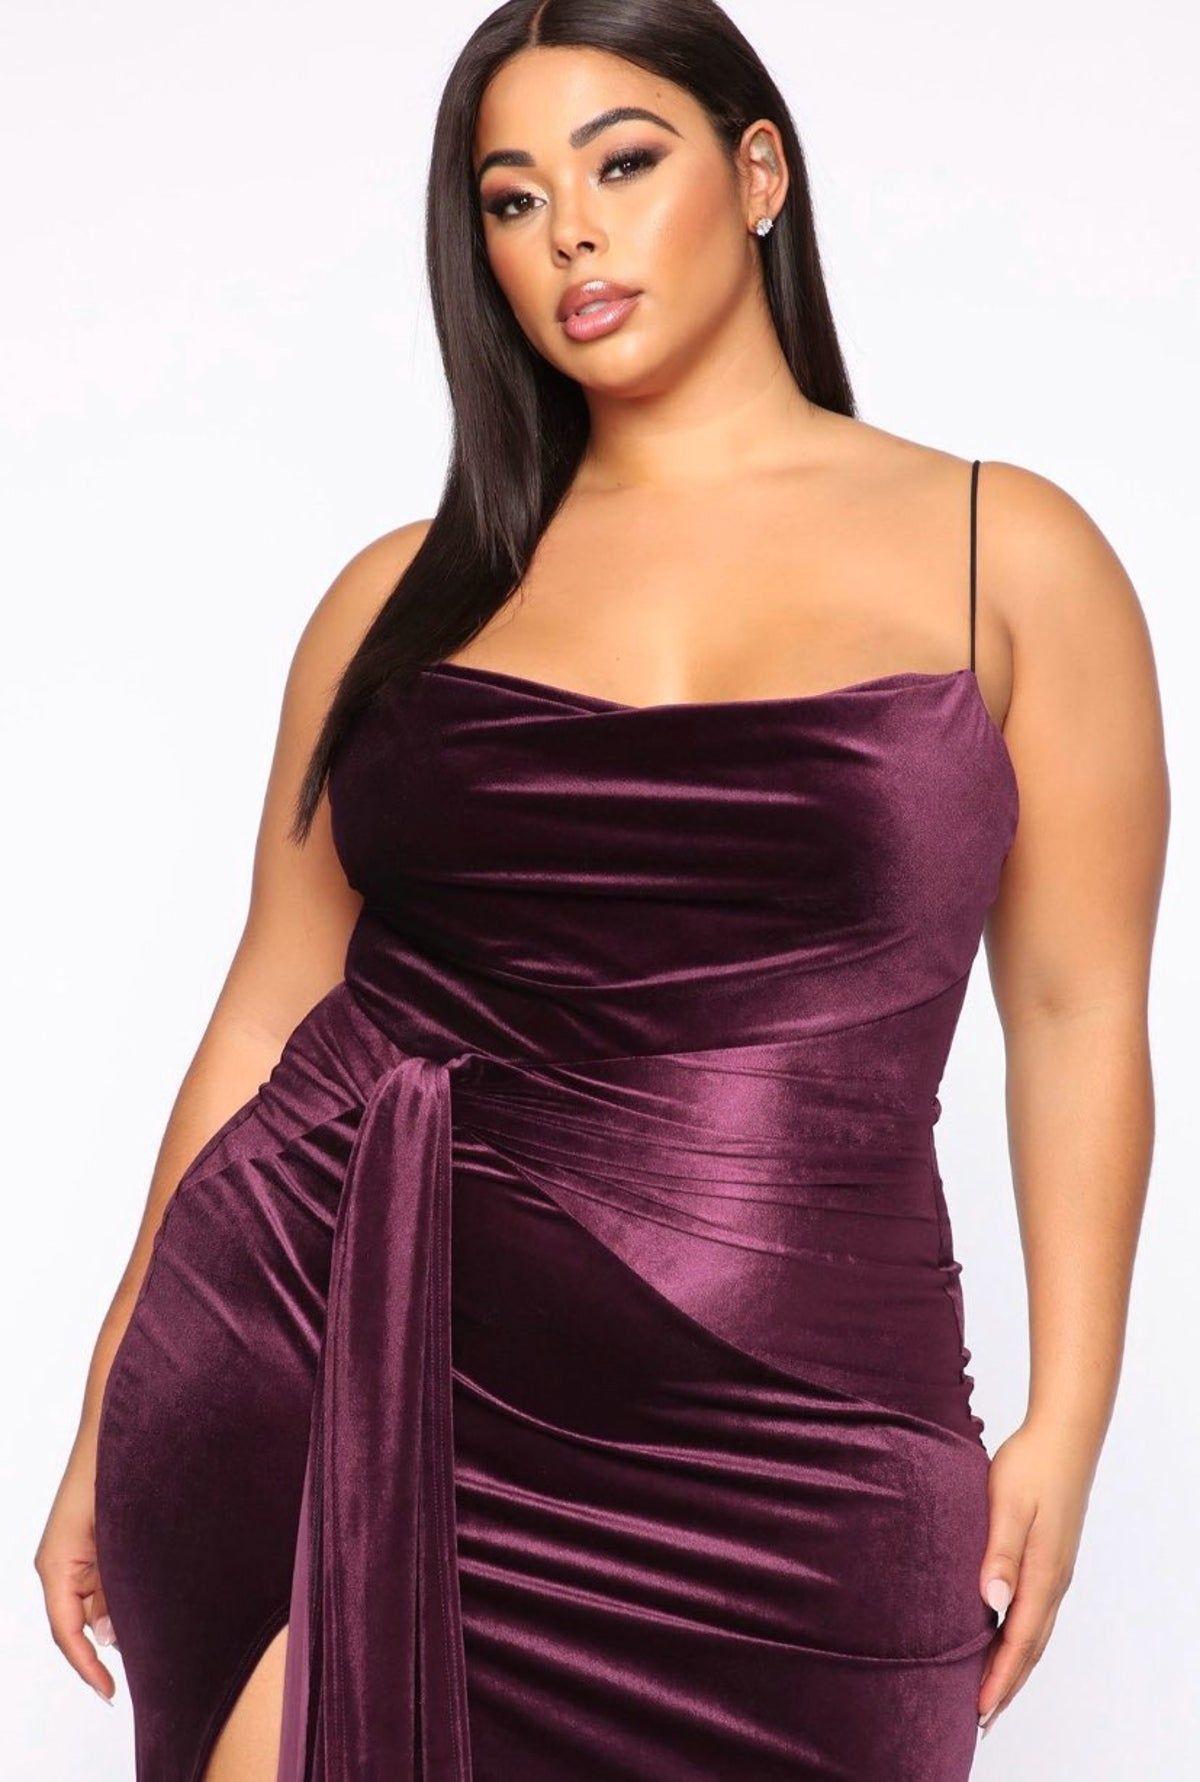 Fashion Nova Dress On Mercari Velvet Maxi Dress Purple Dress Purple Maxi Dress [ 1782 x 1200 Pixel ]